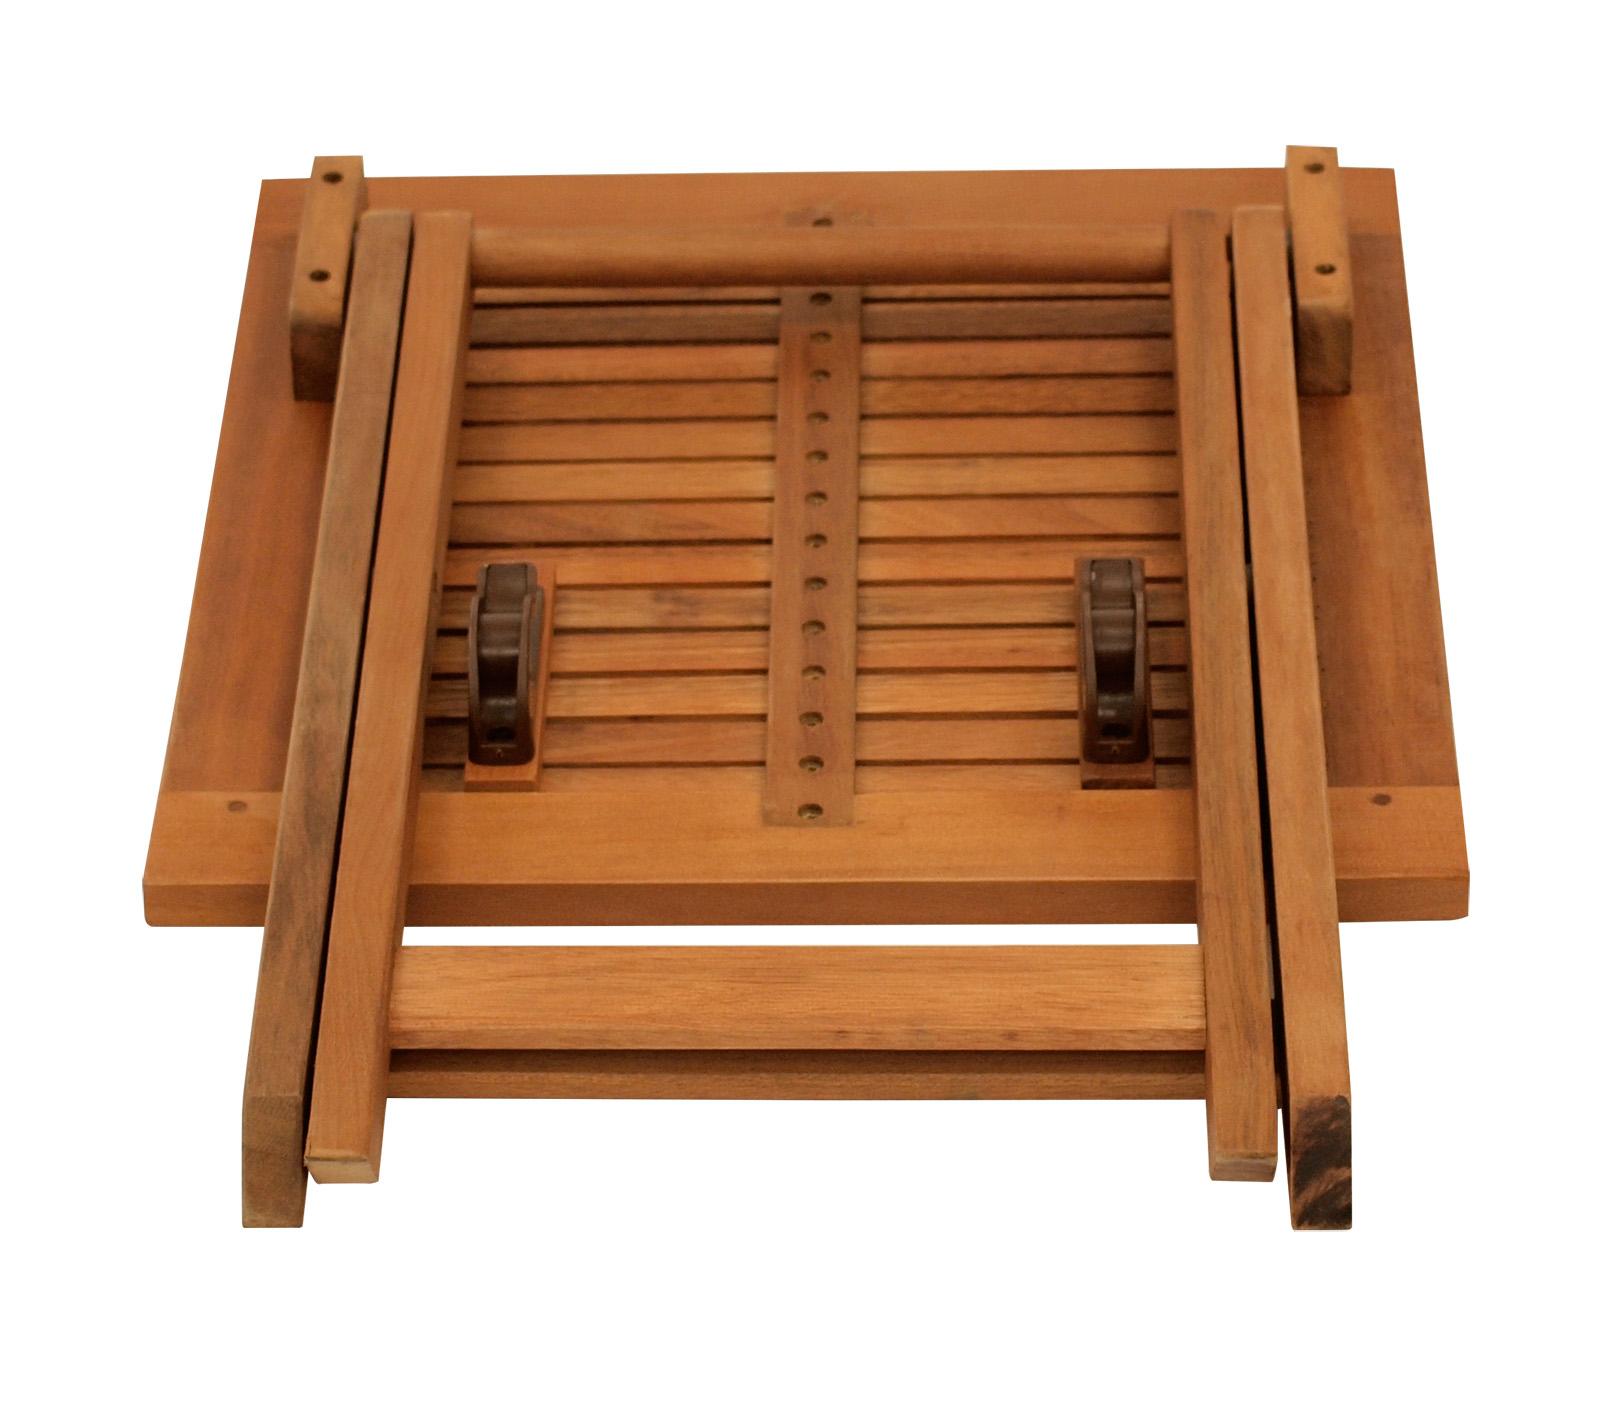 beistelltisch klapptisch holztisch kaffeetisch java 45x45x45cm eukalyptus ge lt ebay. Black Bedroom Furniture Sets. Home Design Ideas